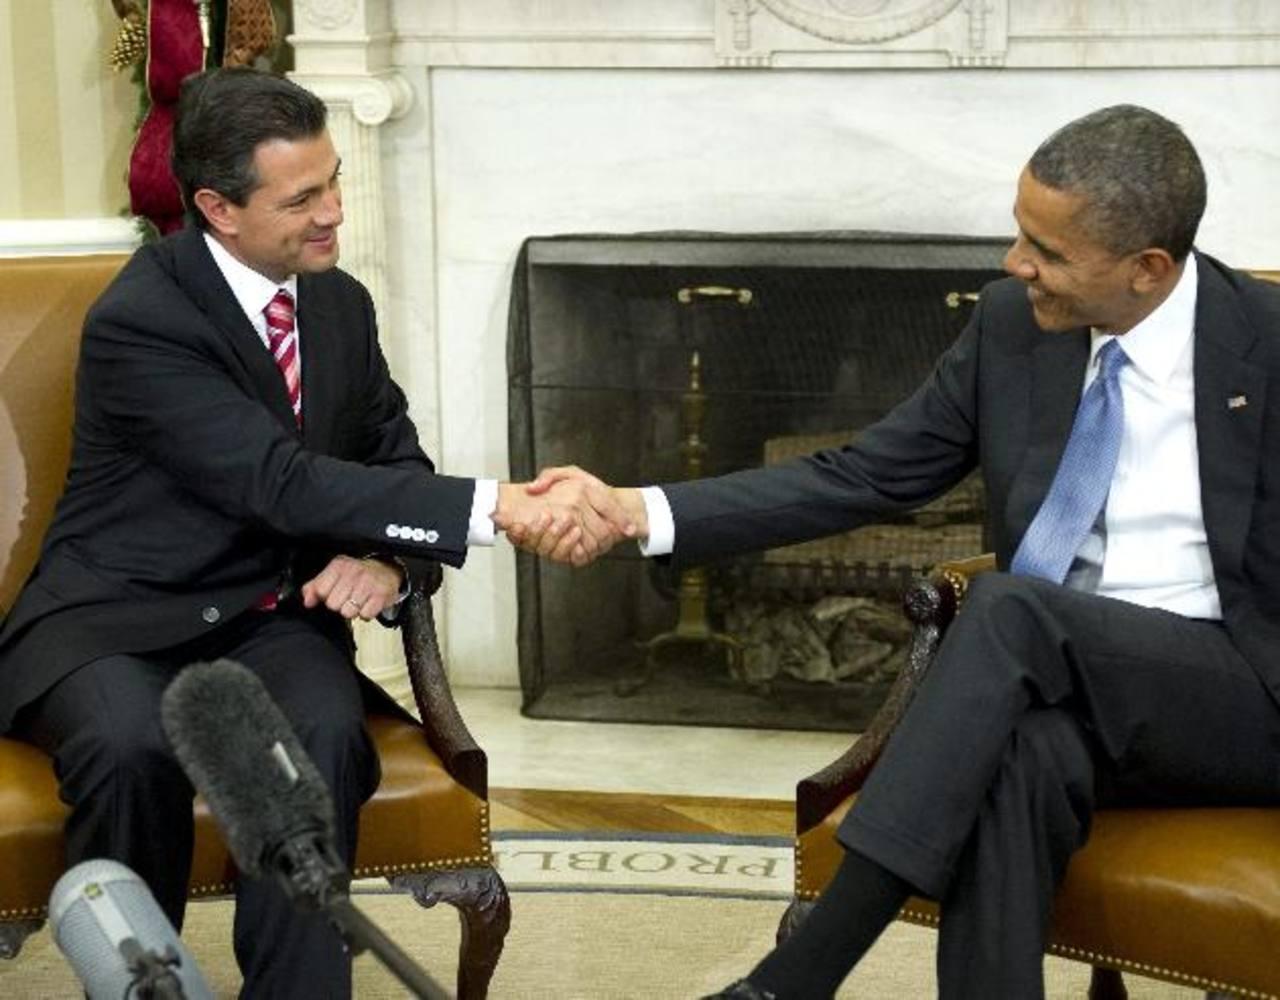 El presidente de EE. UU. Barack Obama estrecha la mano de su homólogo mexicano Enrique Peña Nieto, en noviembre de 2012.